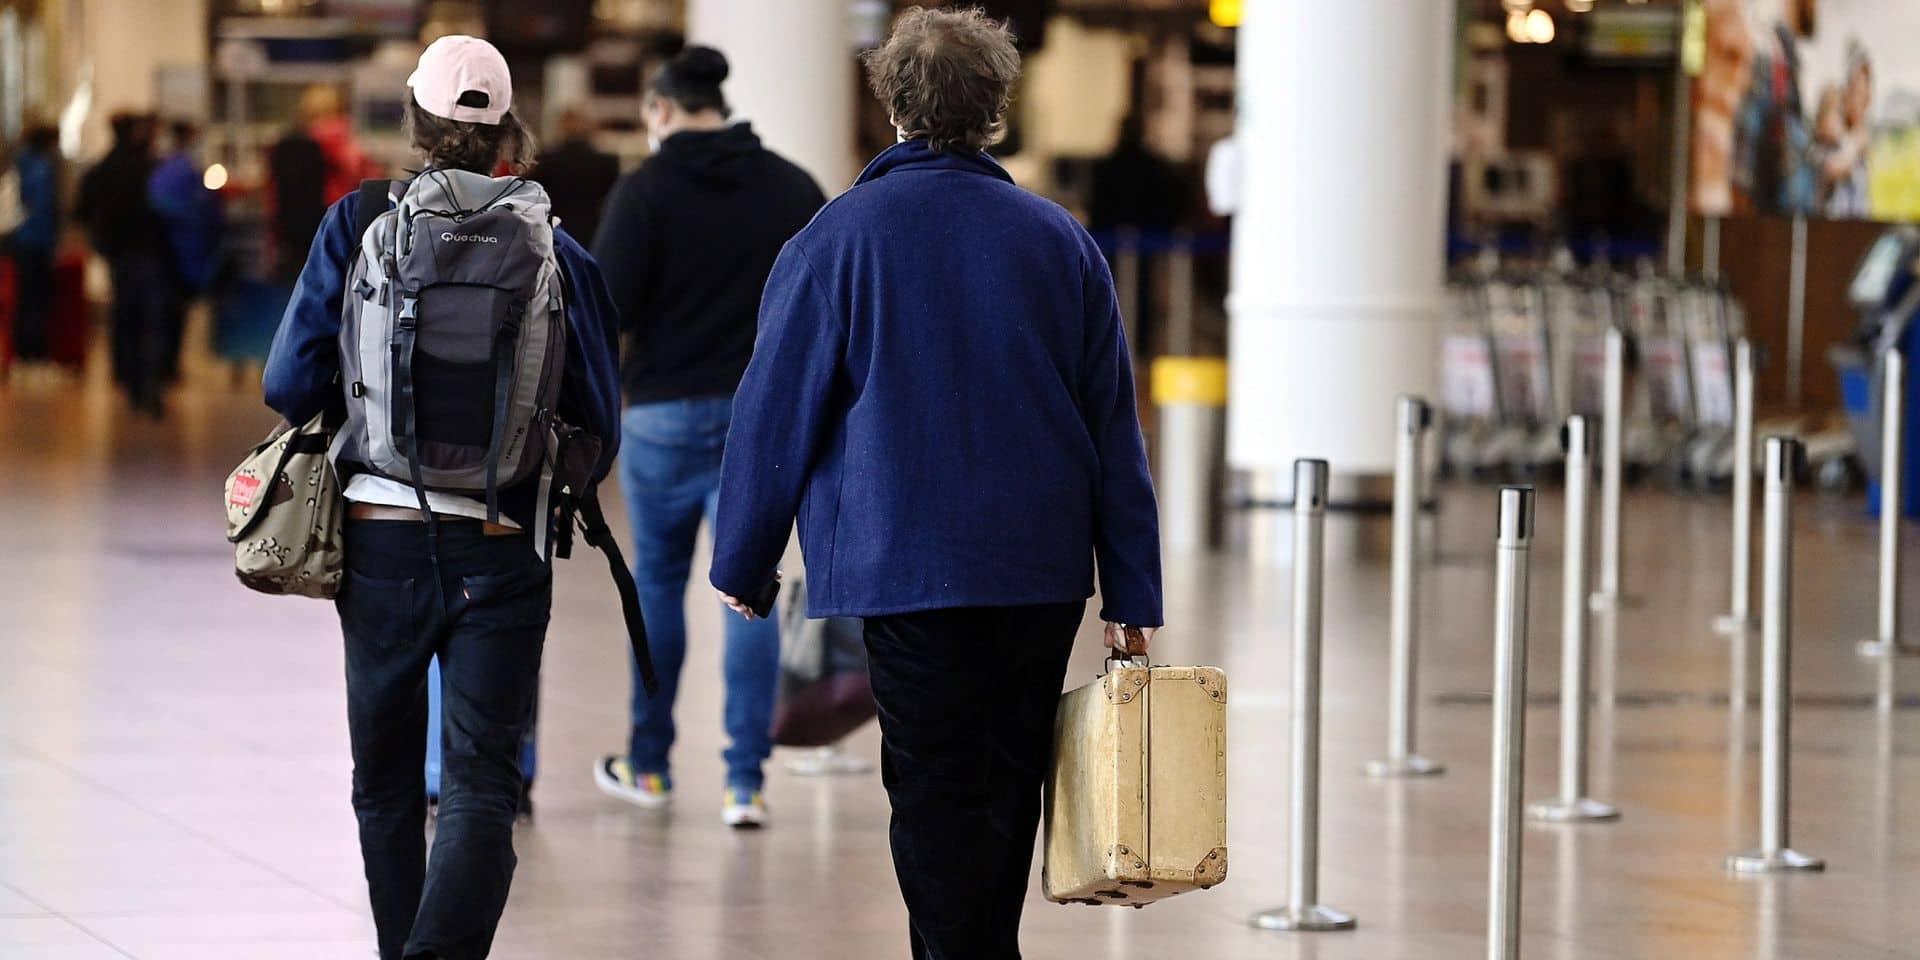 Certificat sanitaire européen: comment cela va-t-il se passer au niveau du testing des voyageurs?